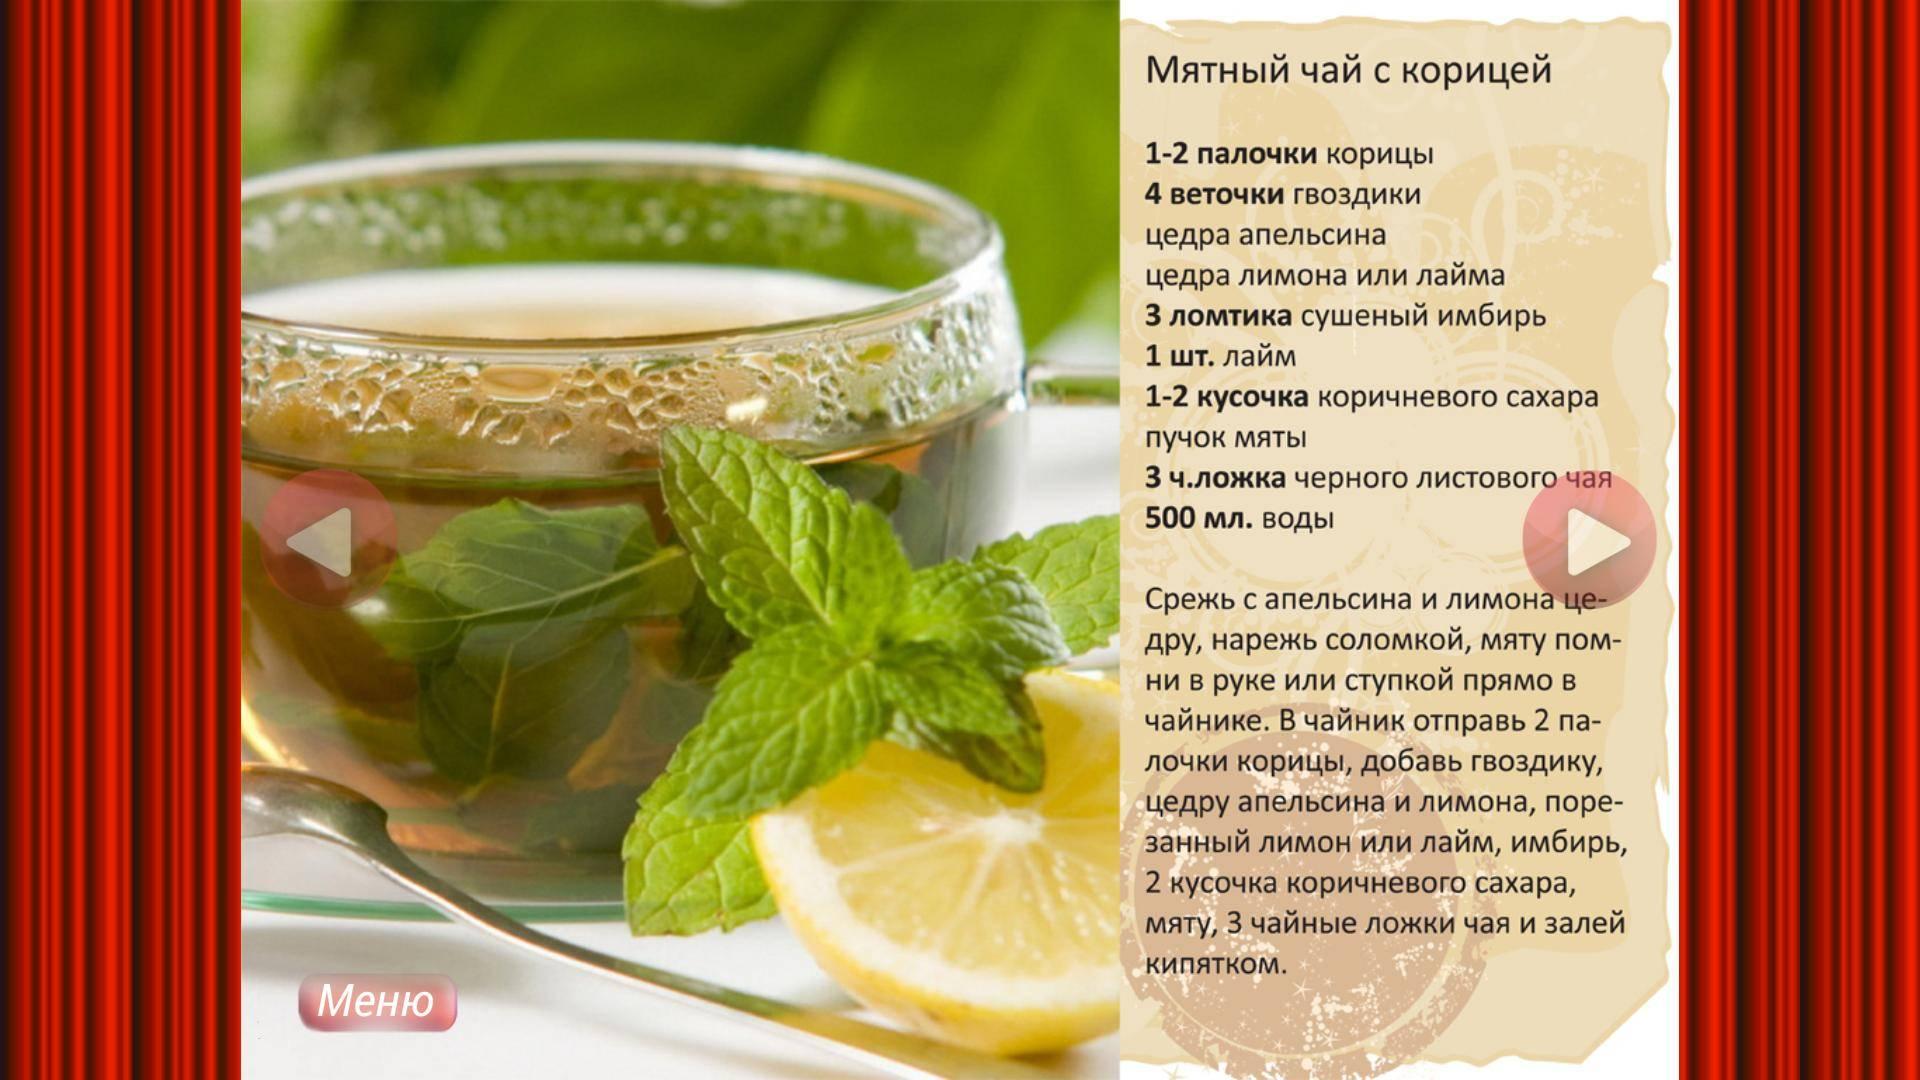 Рецепт для иммунитета: имбирь, лимон и мед - приготовление, польза, противопоказания